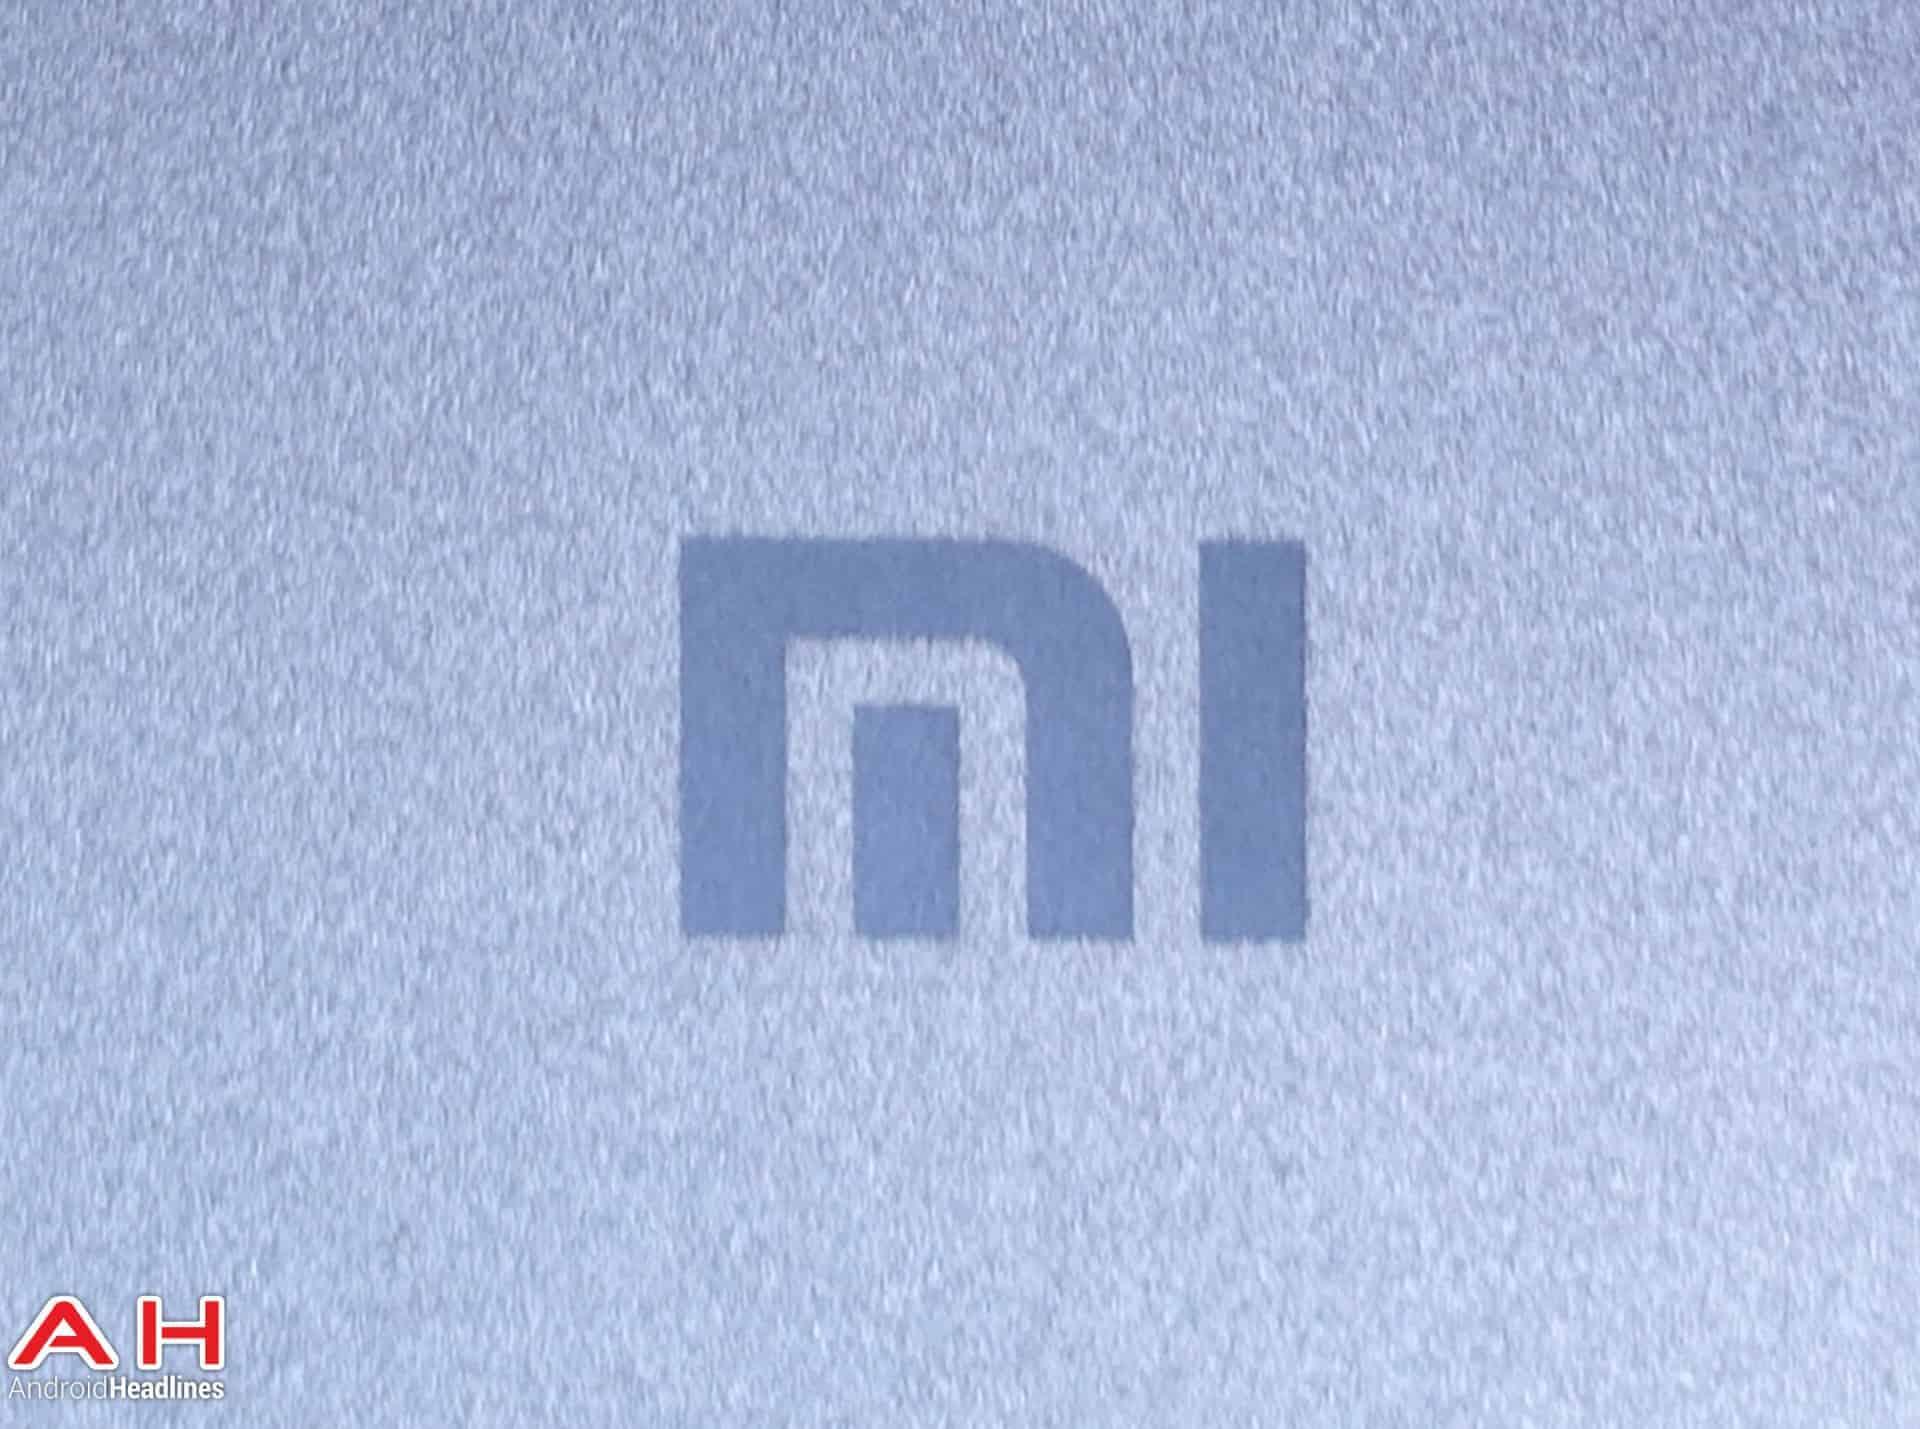 Xiaomi-Logo-AH-2-03851